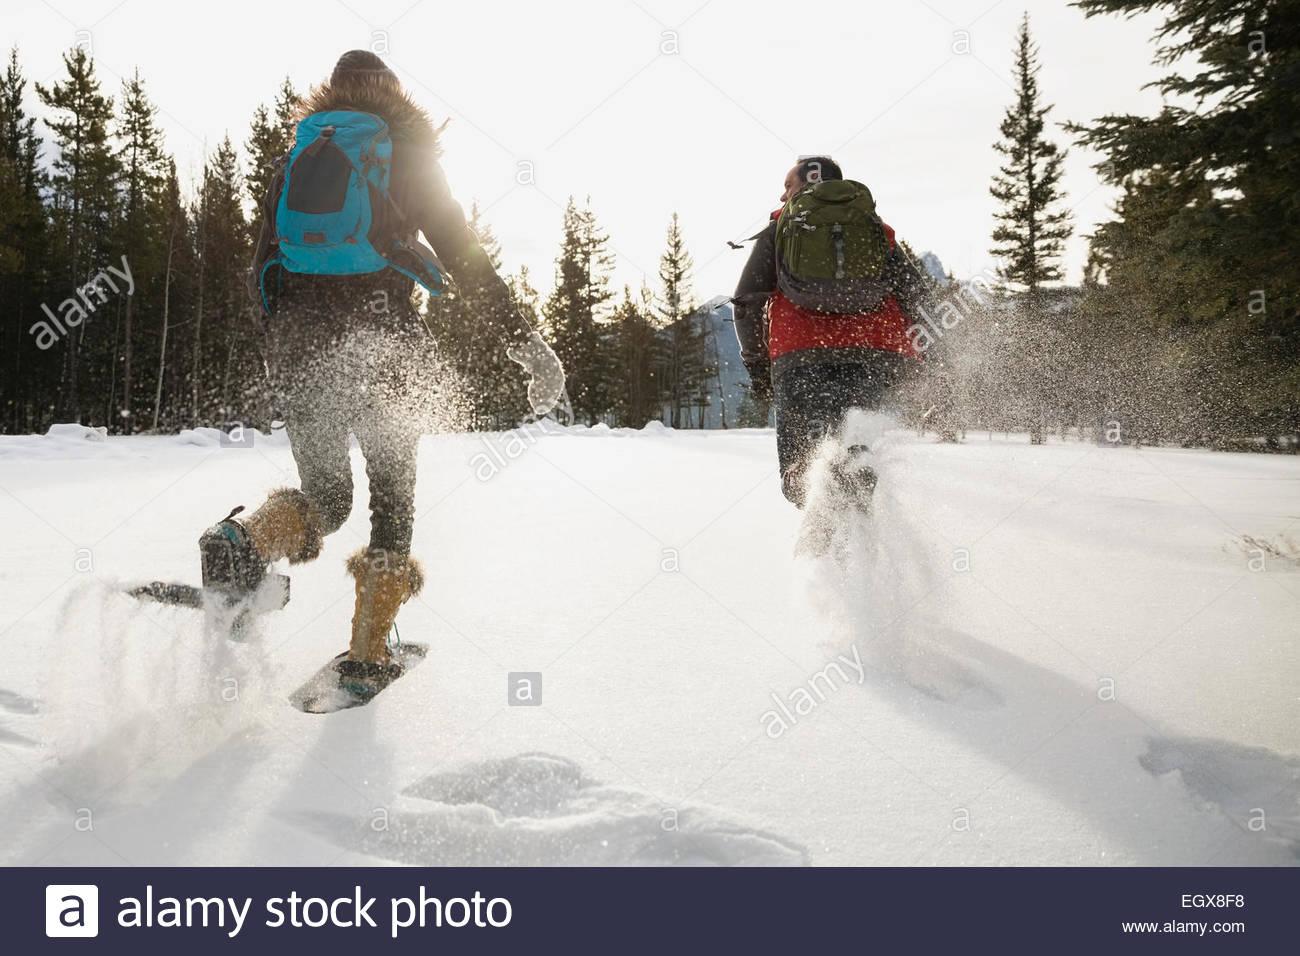 Amici in esecuzione in racchette da neve nel campo nevoso Immagini Stock